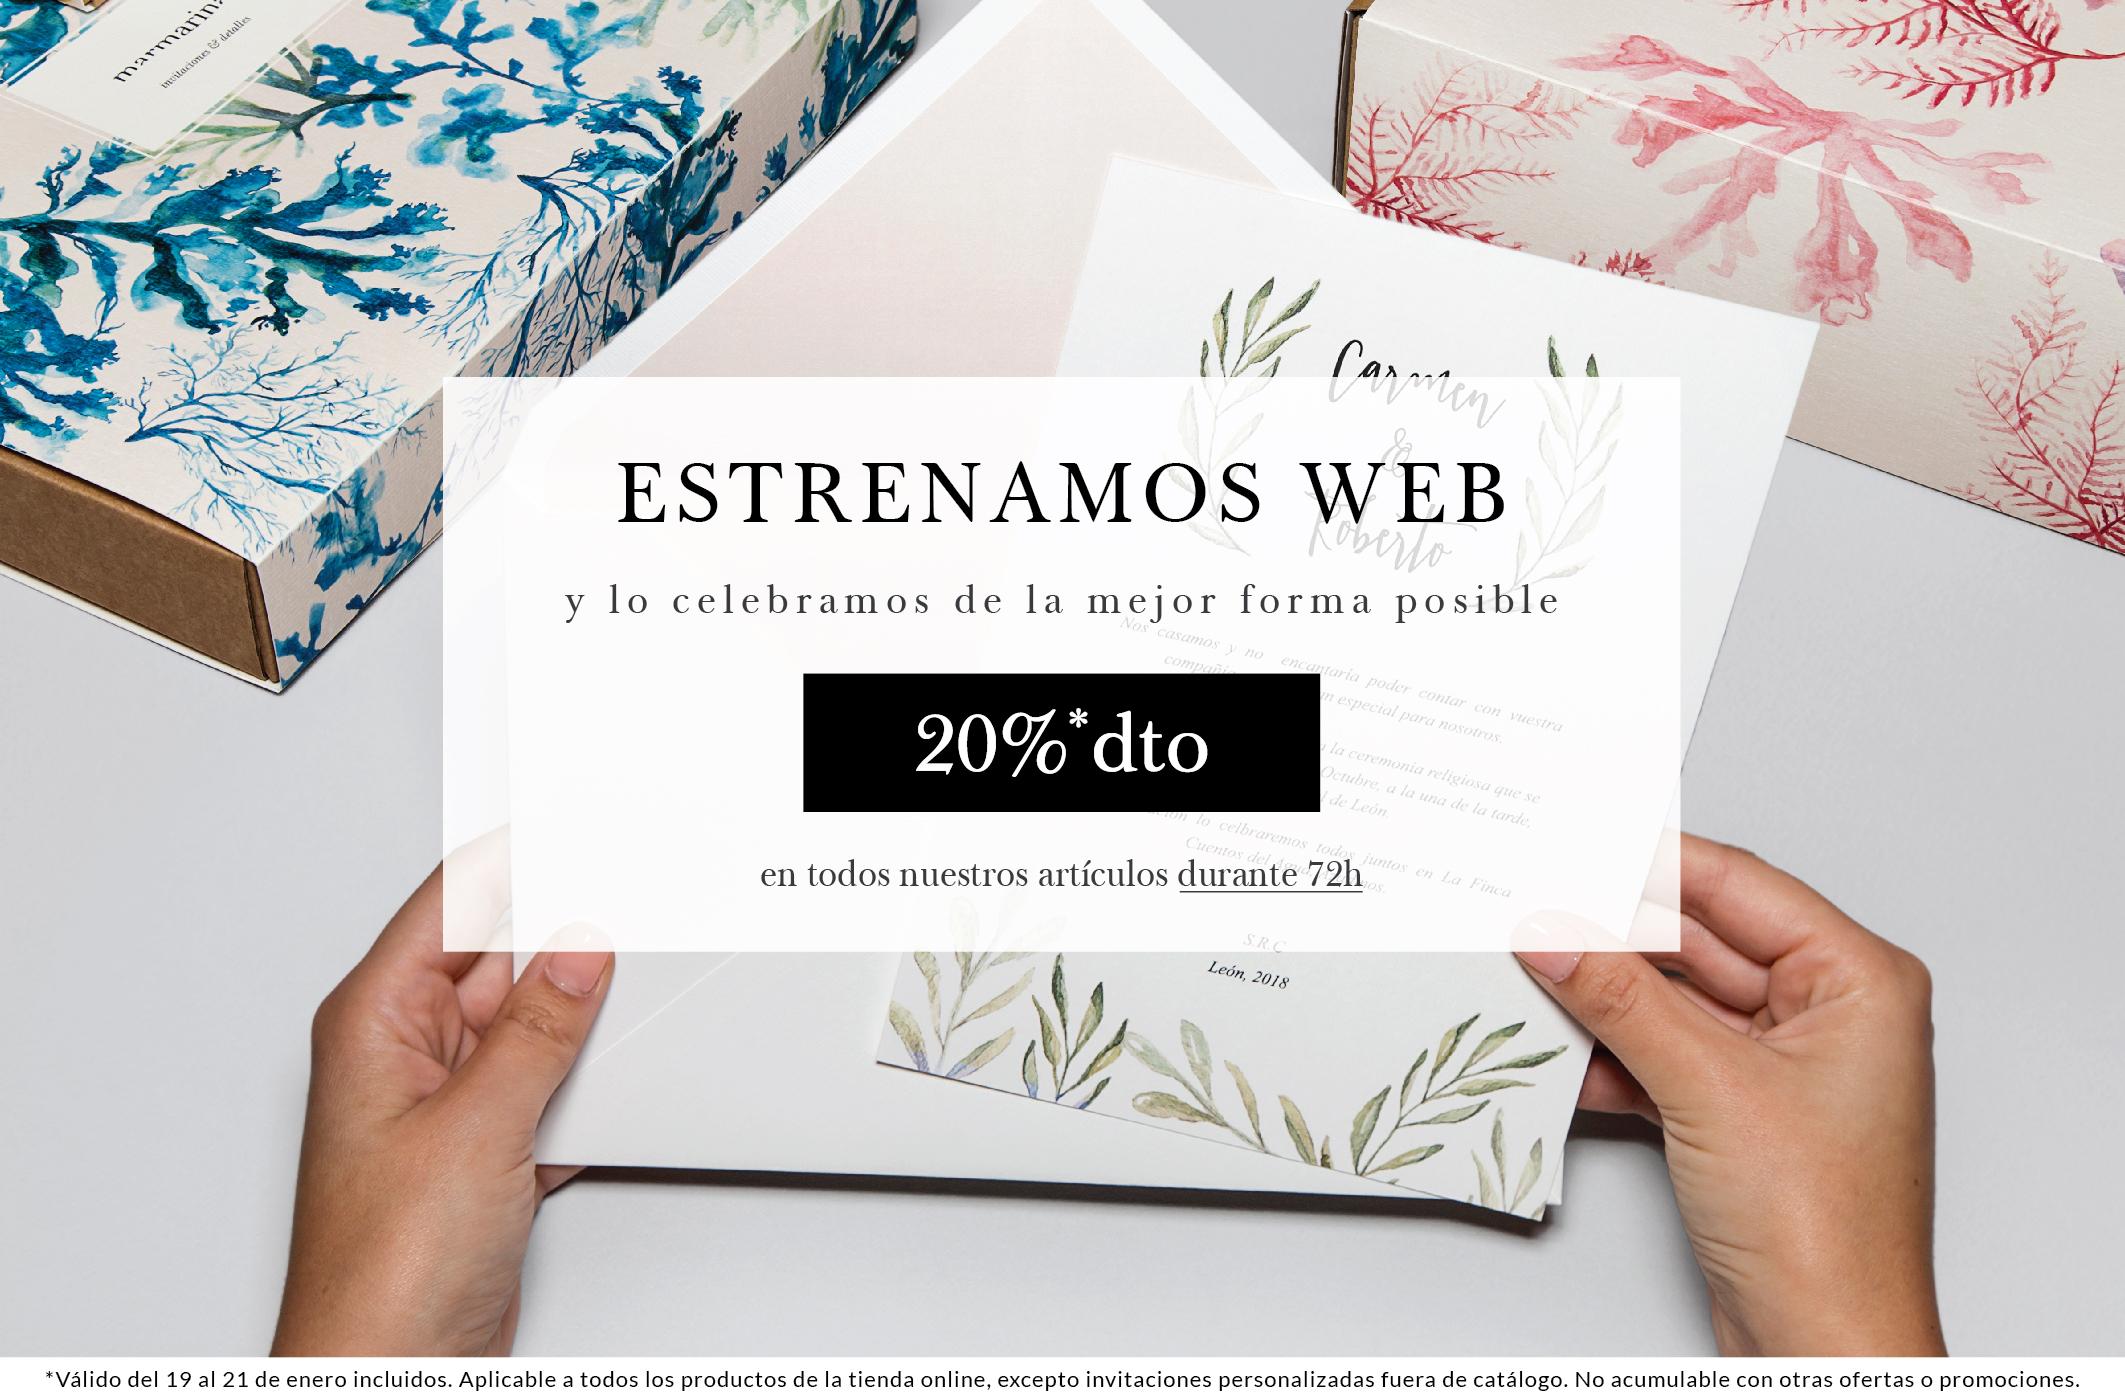 Lanzamiento web